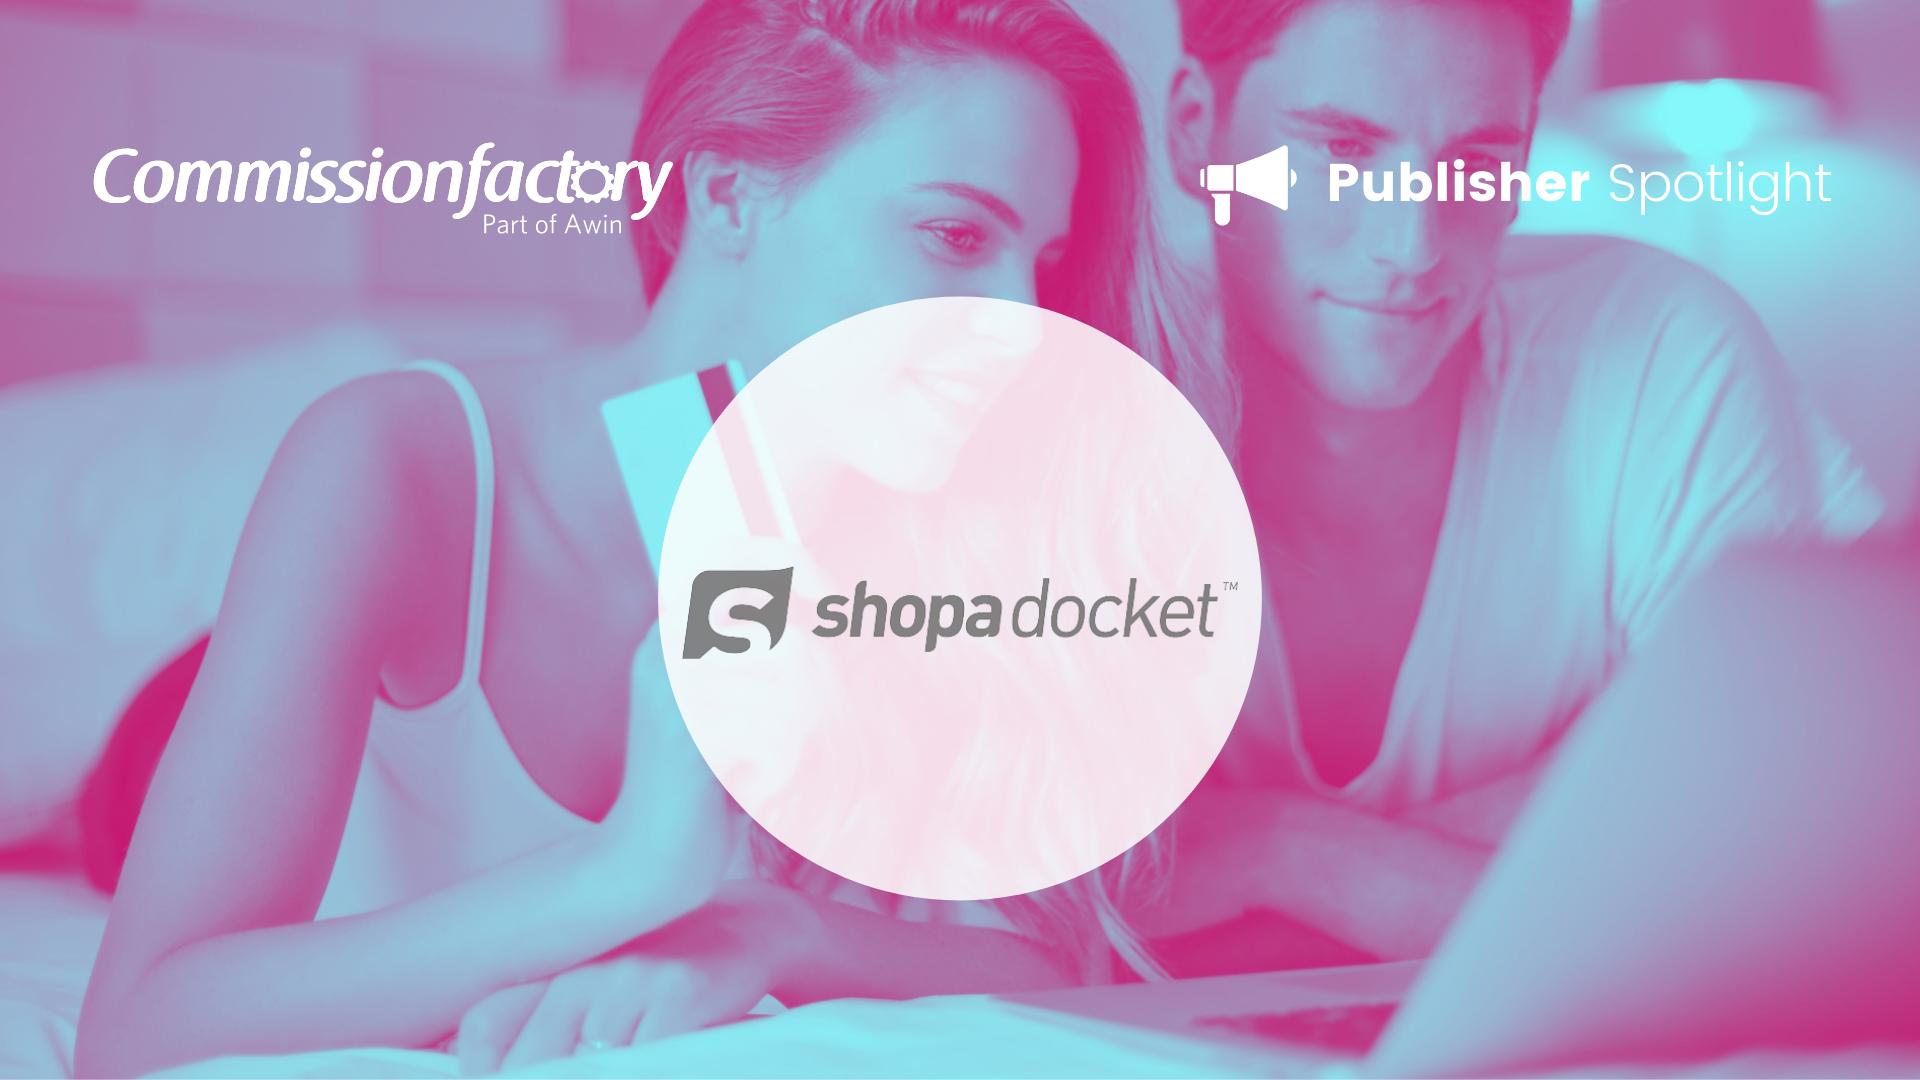 Shopadocket Blog Spotlight